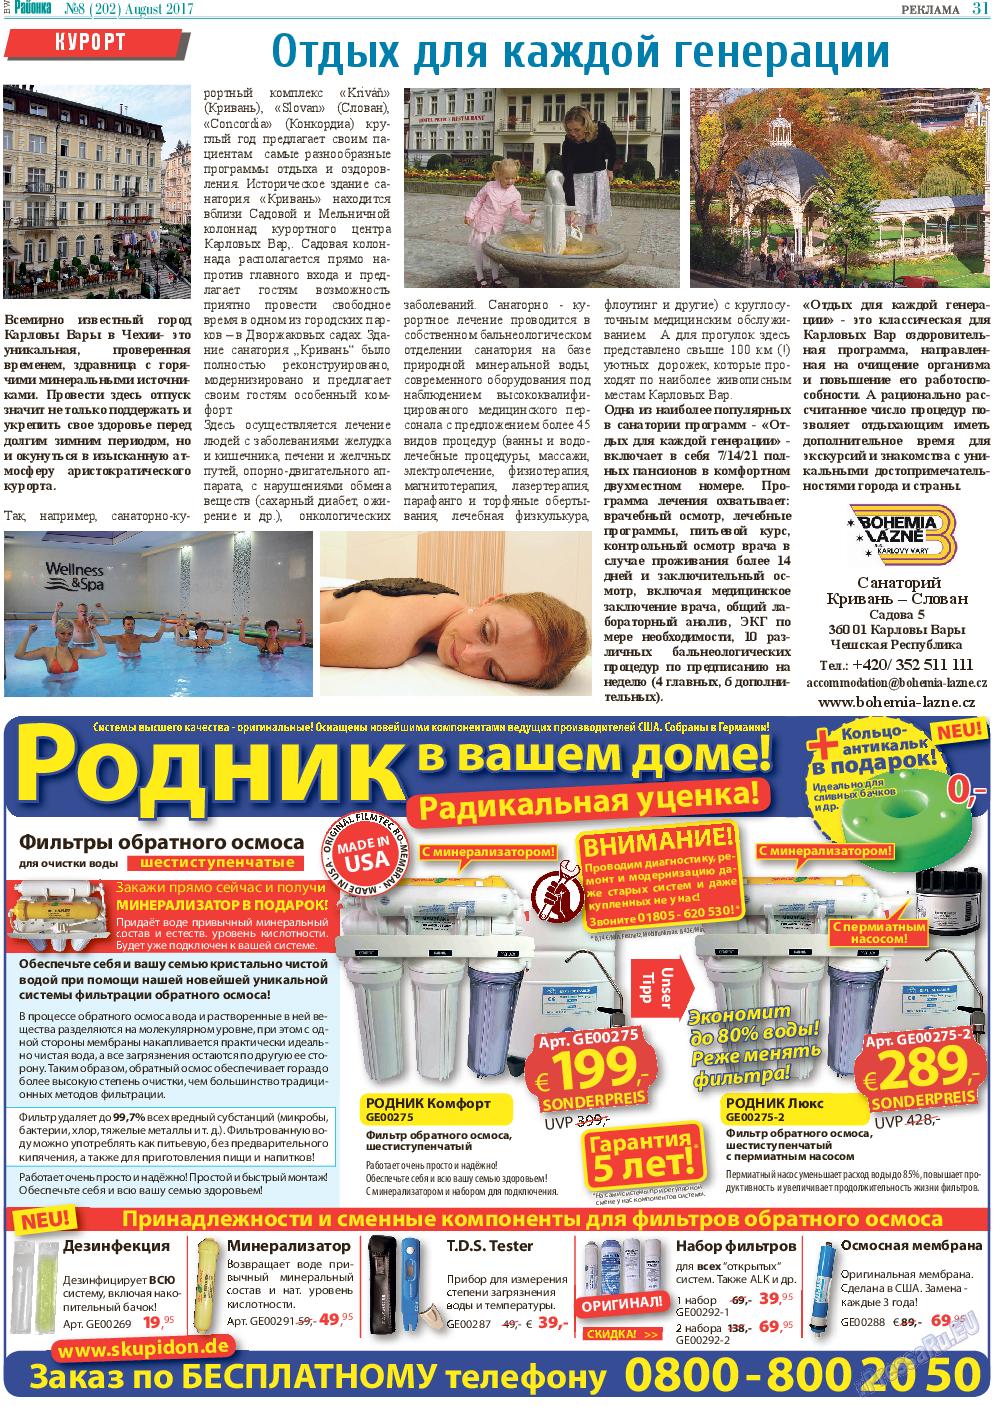 Районка-West (газета). 2017 год, номер 8, стр. 31